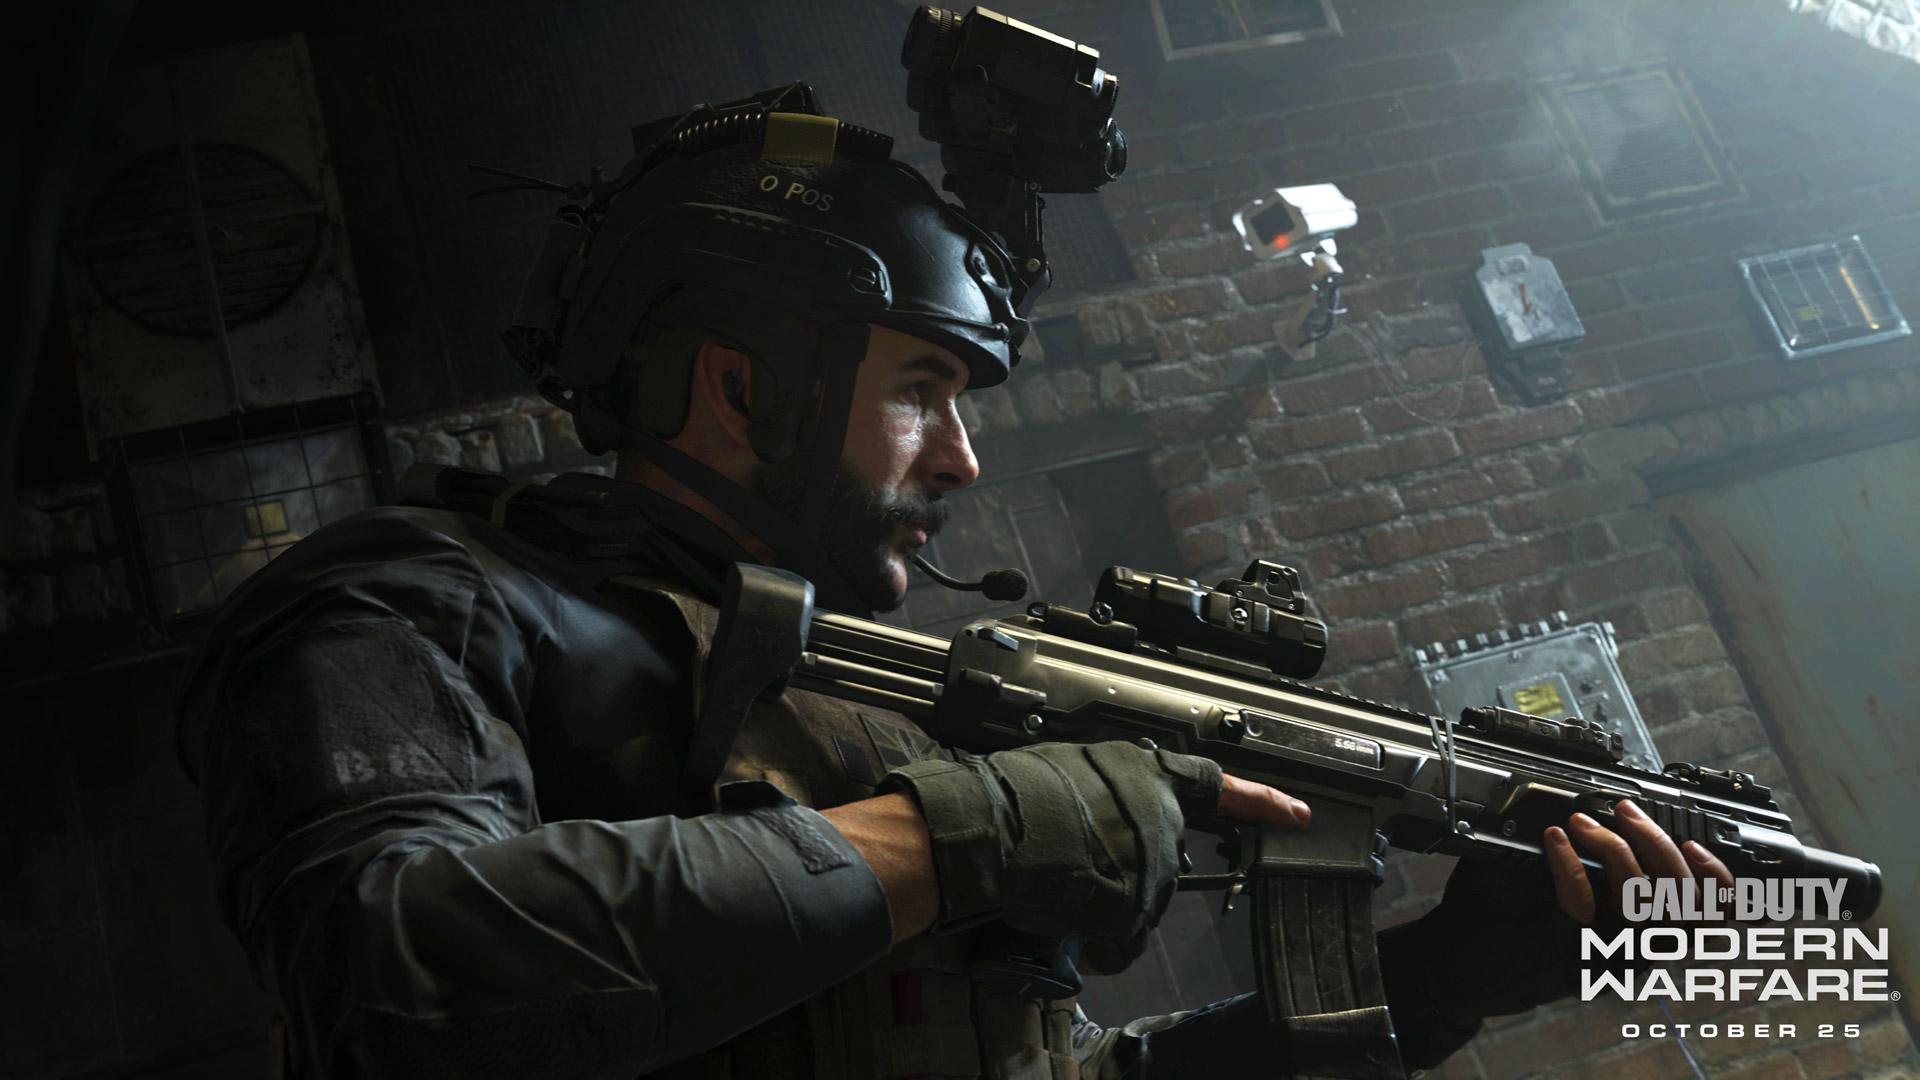 Call of Duty: Modern Warfare (2019) Wallpaper in 1920x1080